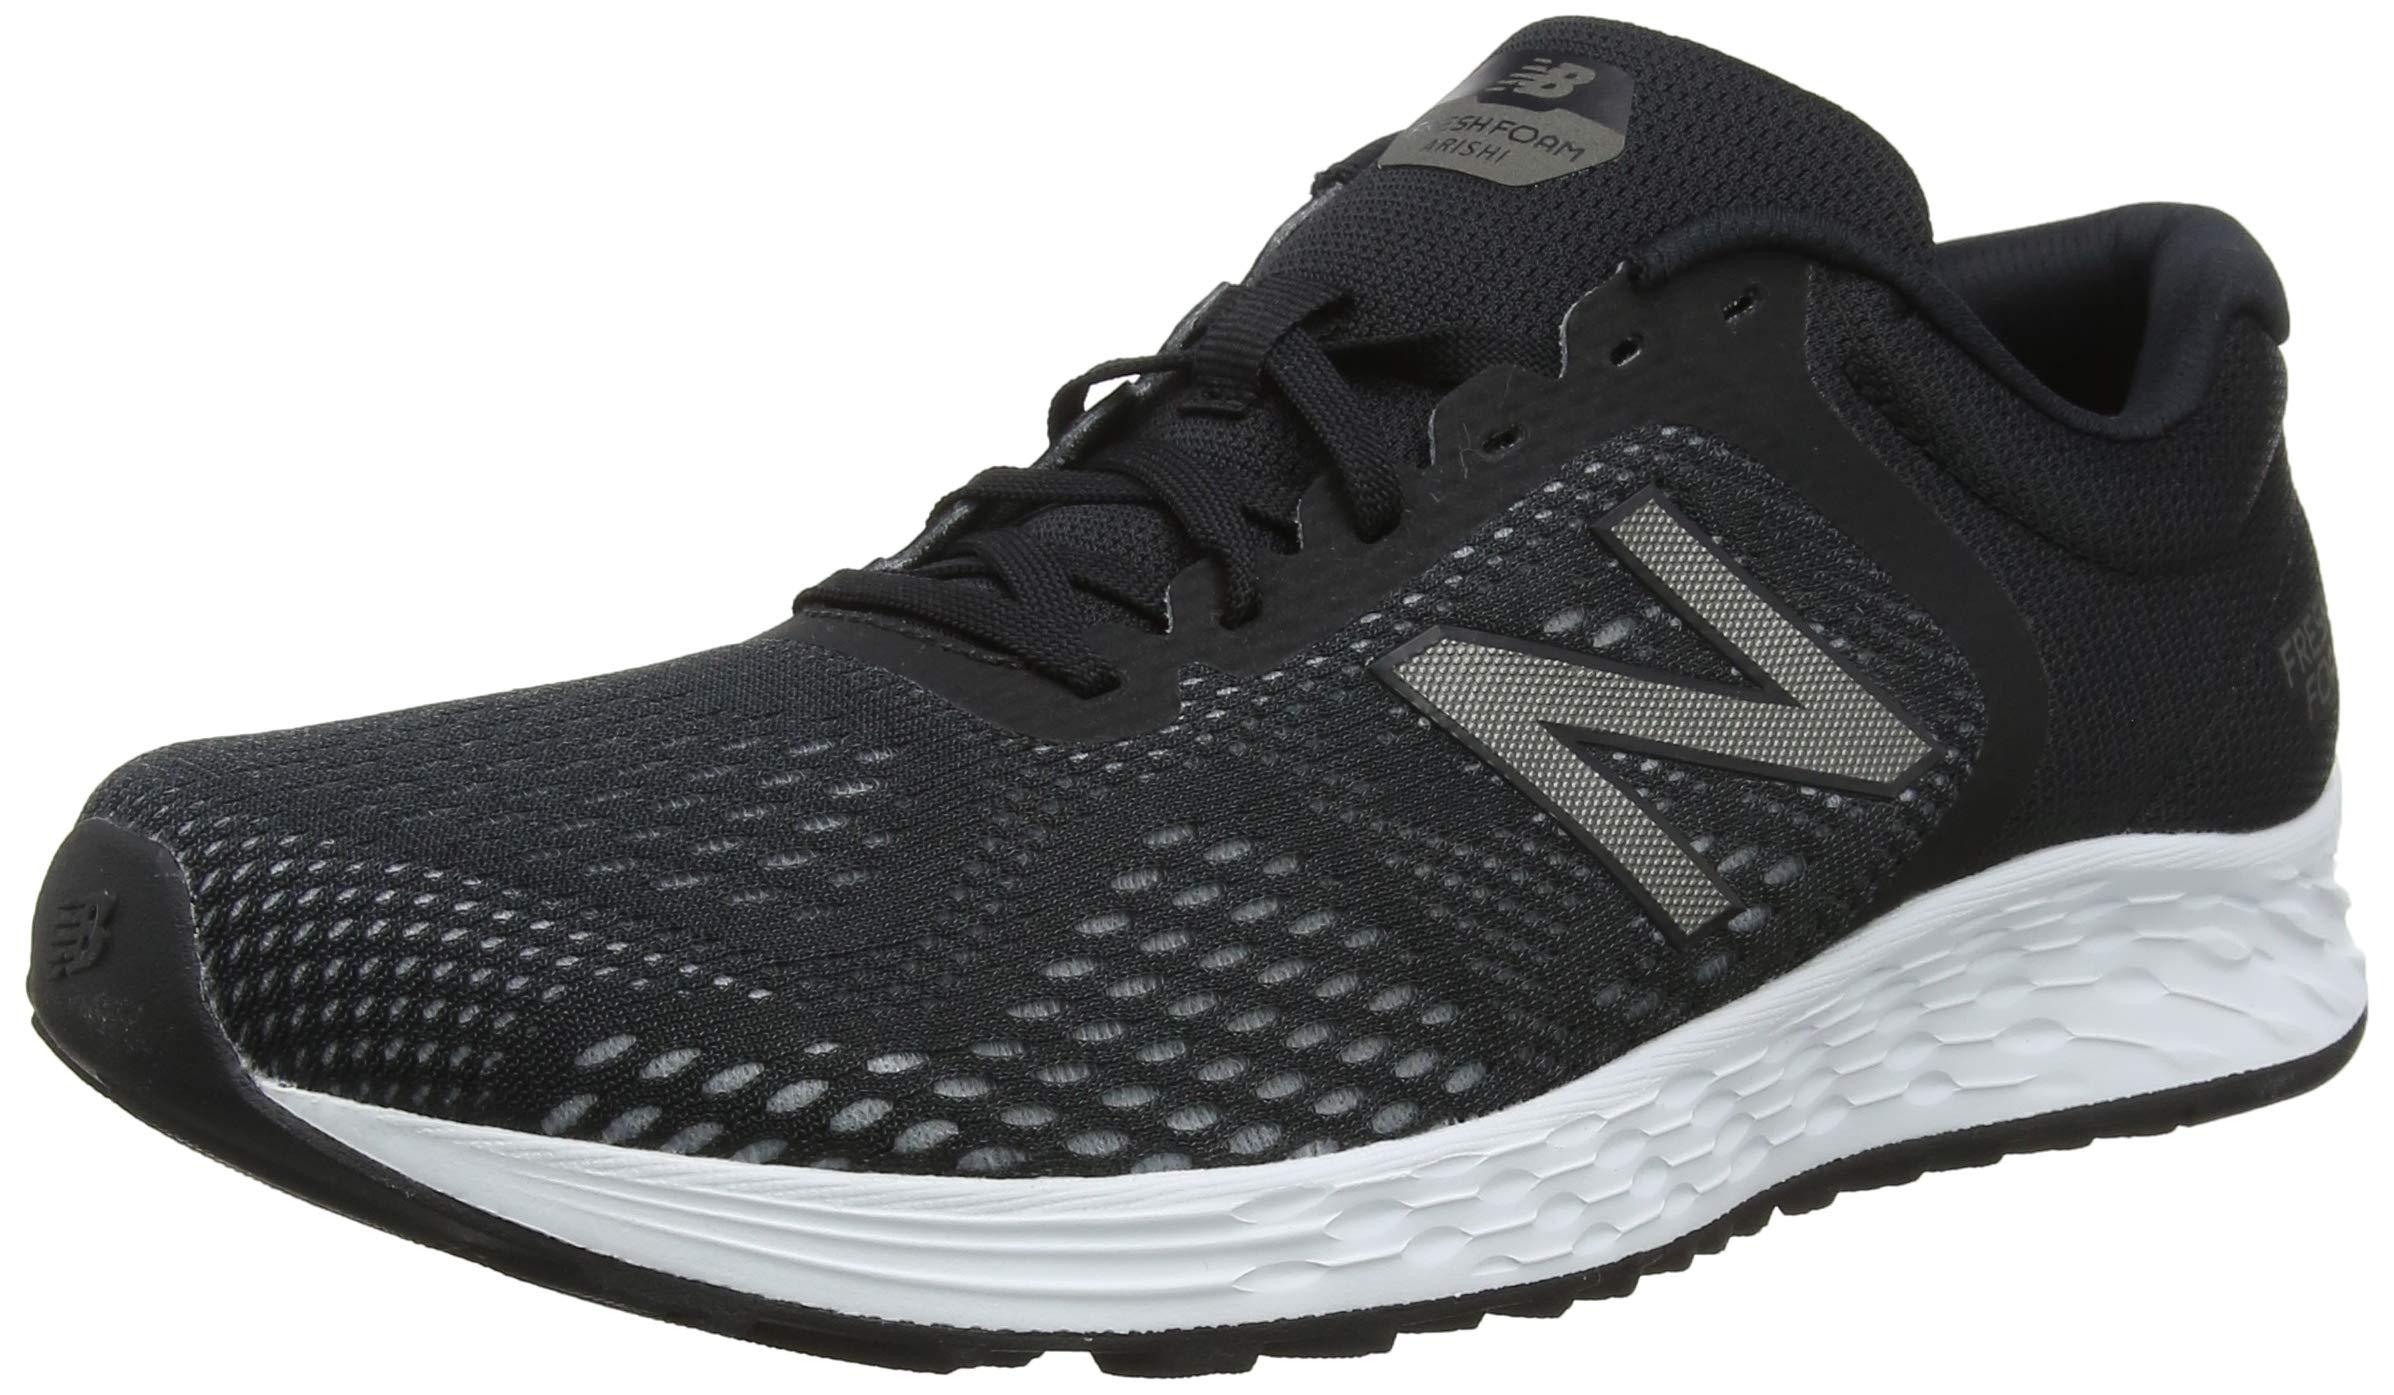 New Balance Men's Arishi V2 Fresh Foam Running Shoe, Black/Gunmetal, 9.5 D US